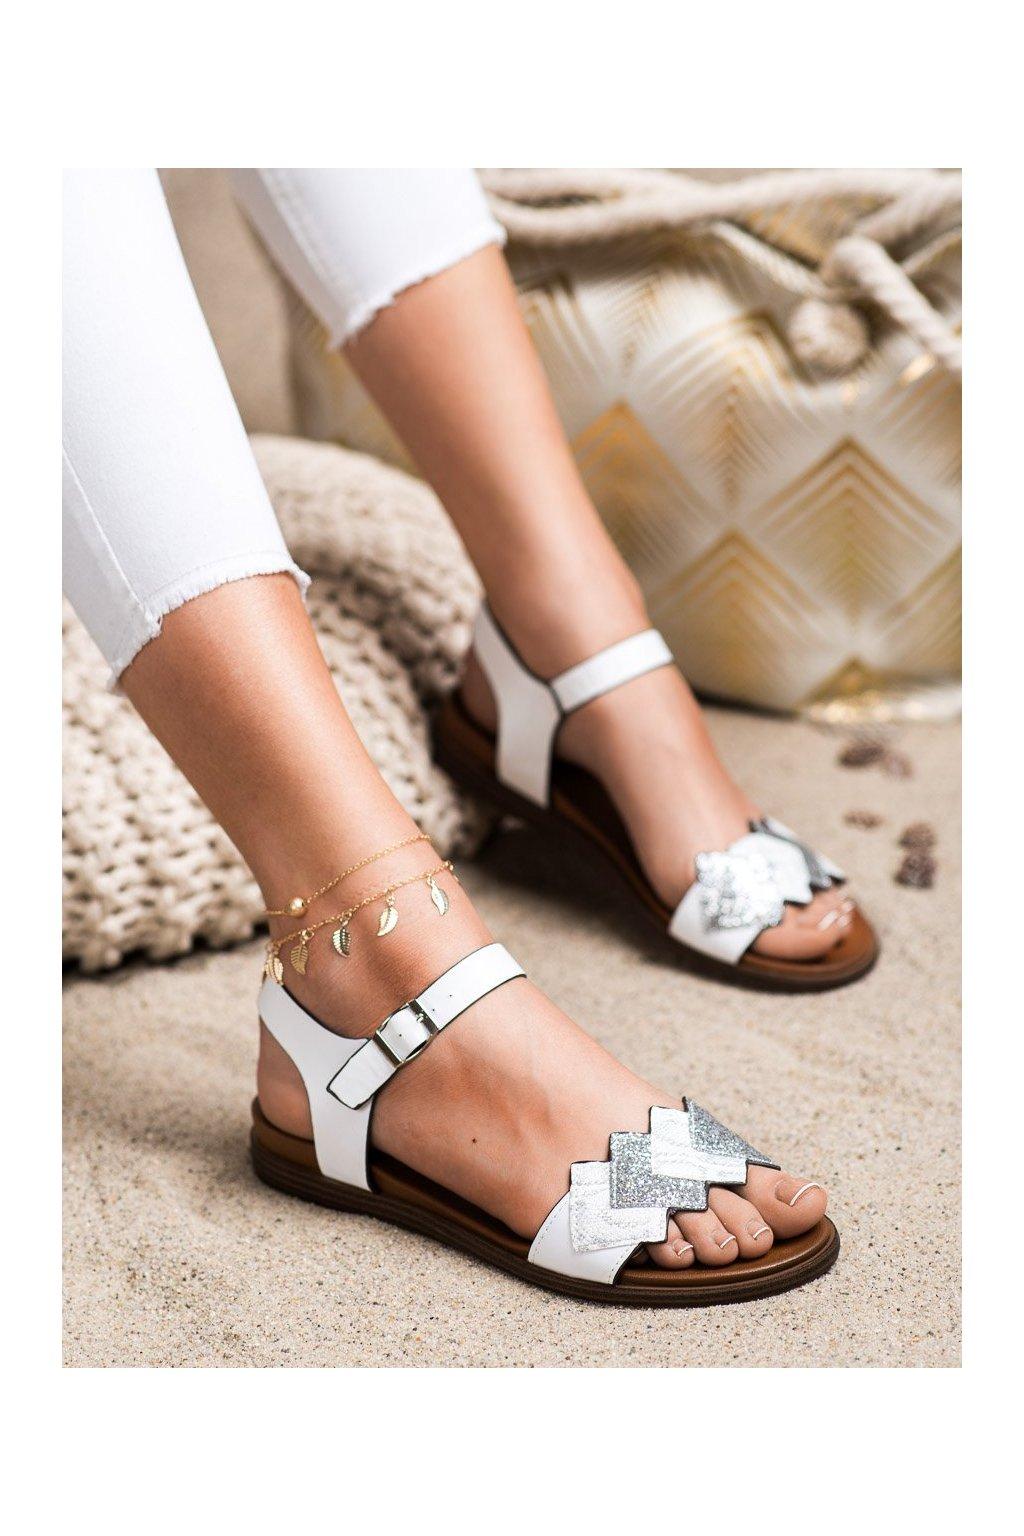 Biele sandále s plochou podrážkou Sergio leone kod SK049W